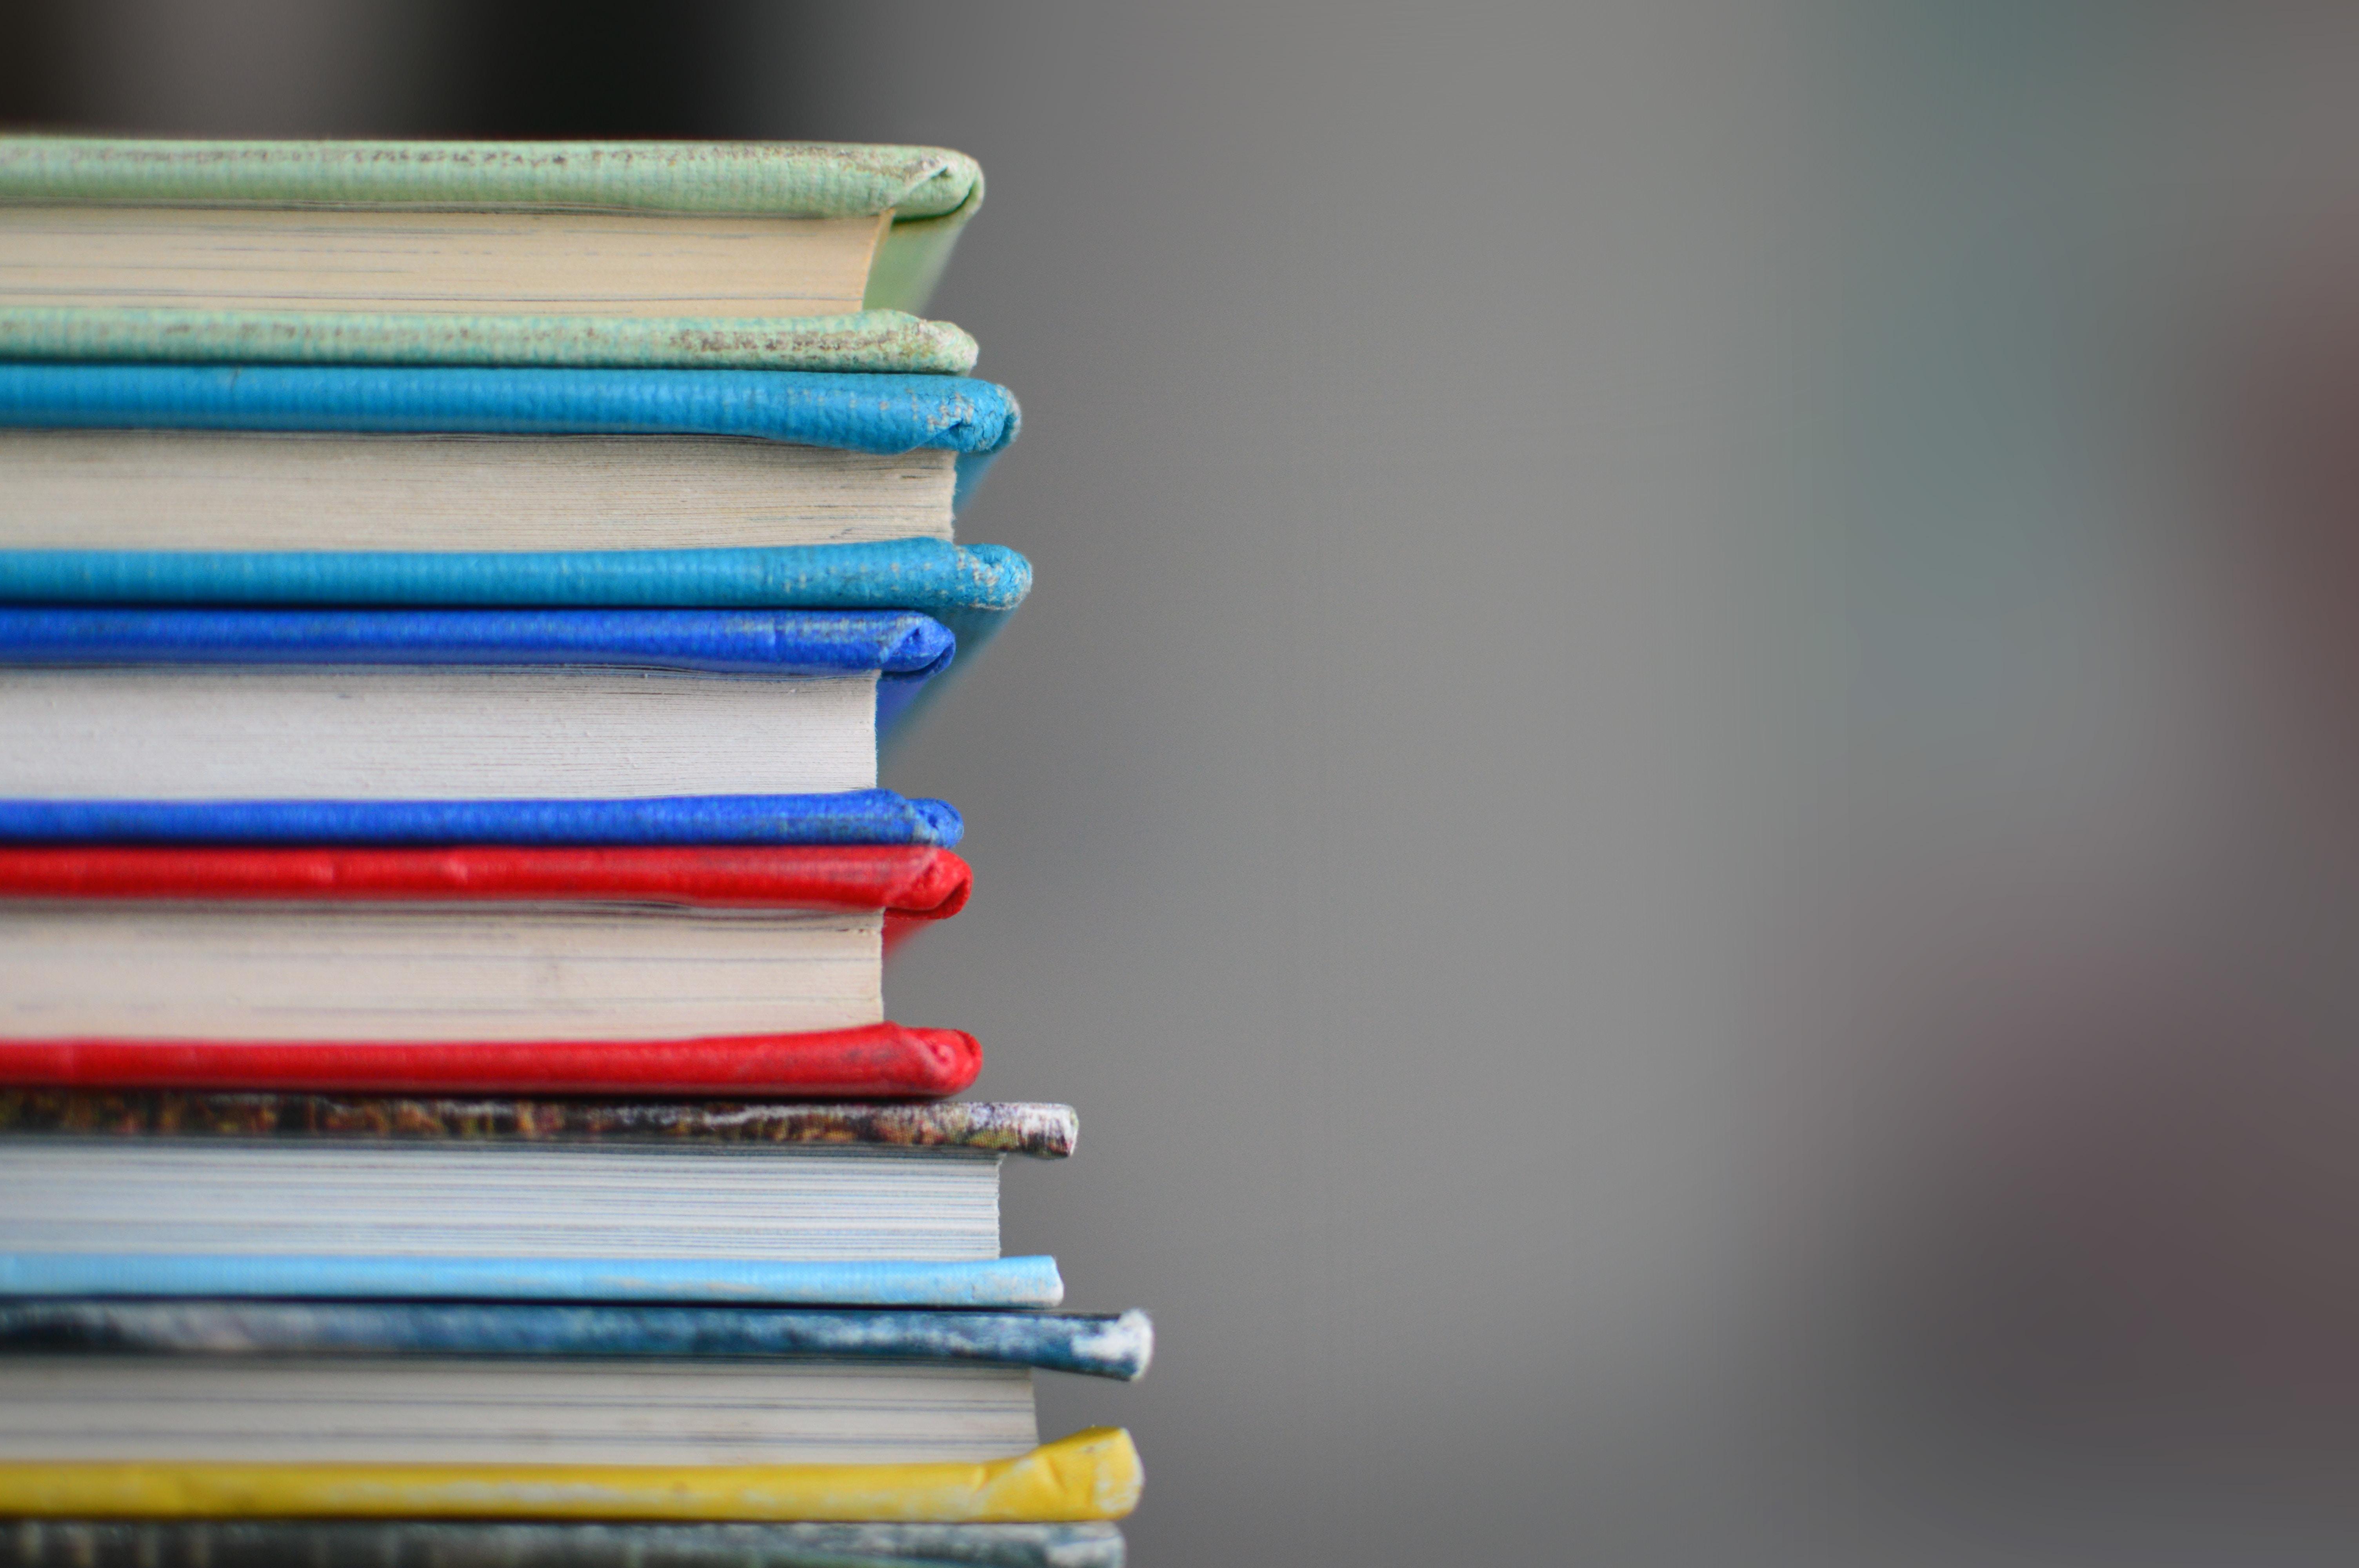 Pile de livres colorés.